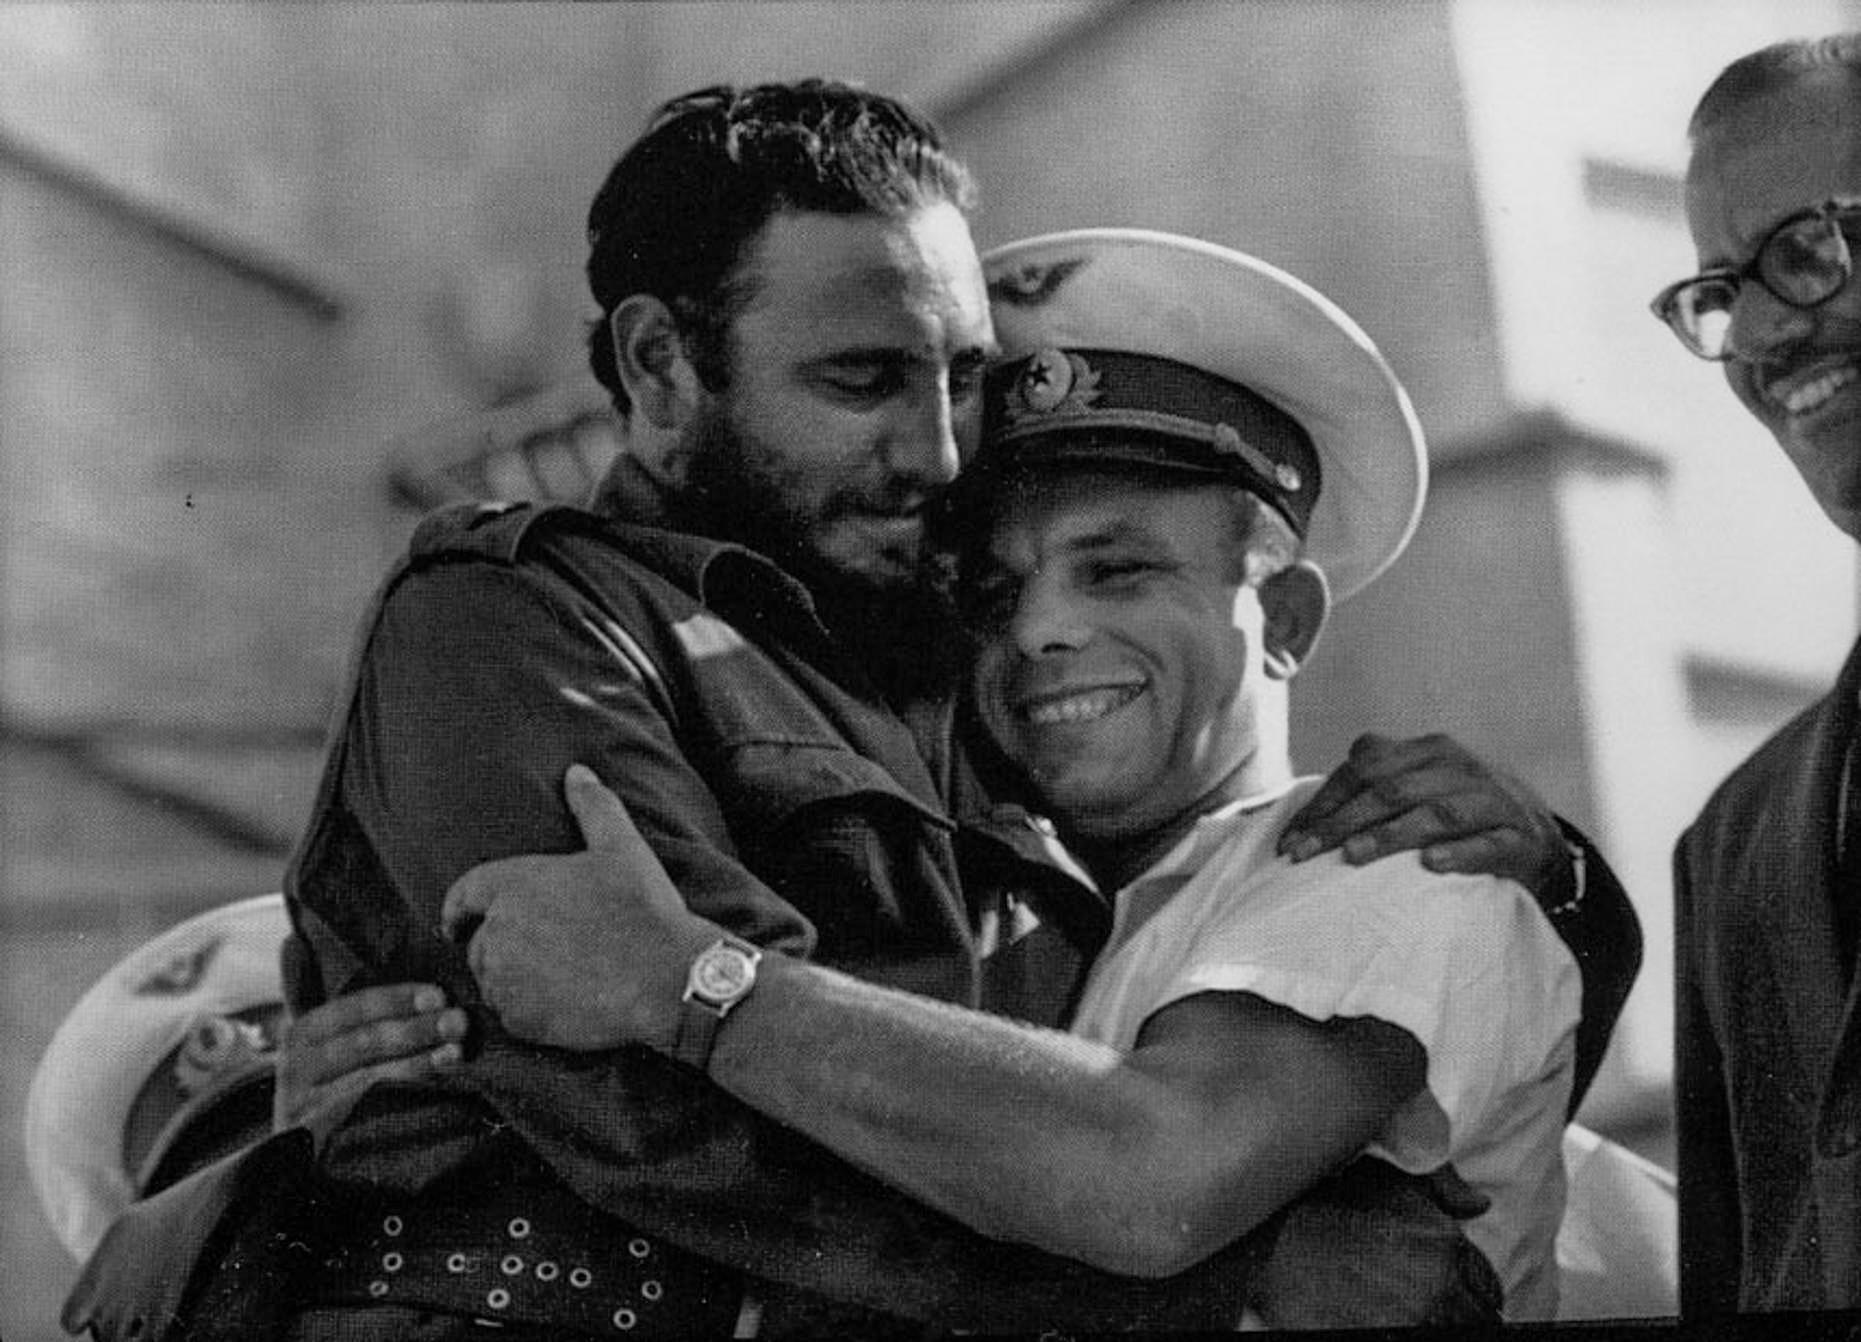 Fidel Castroa abraça Gagarin em 26 de junho de 1961.